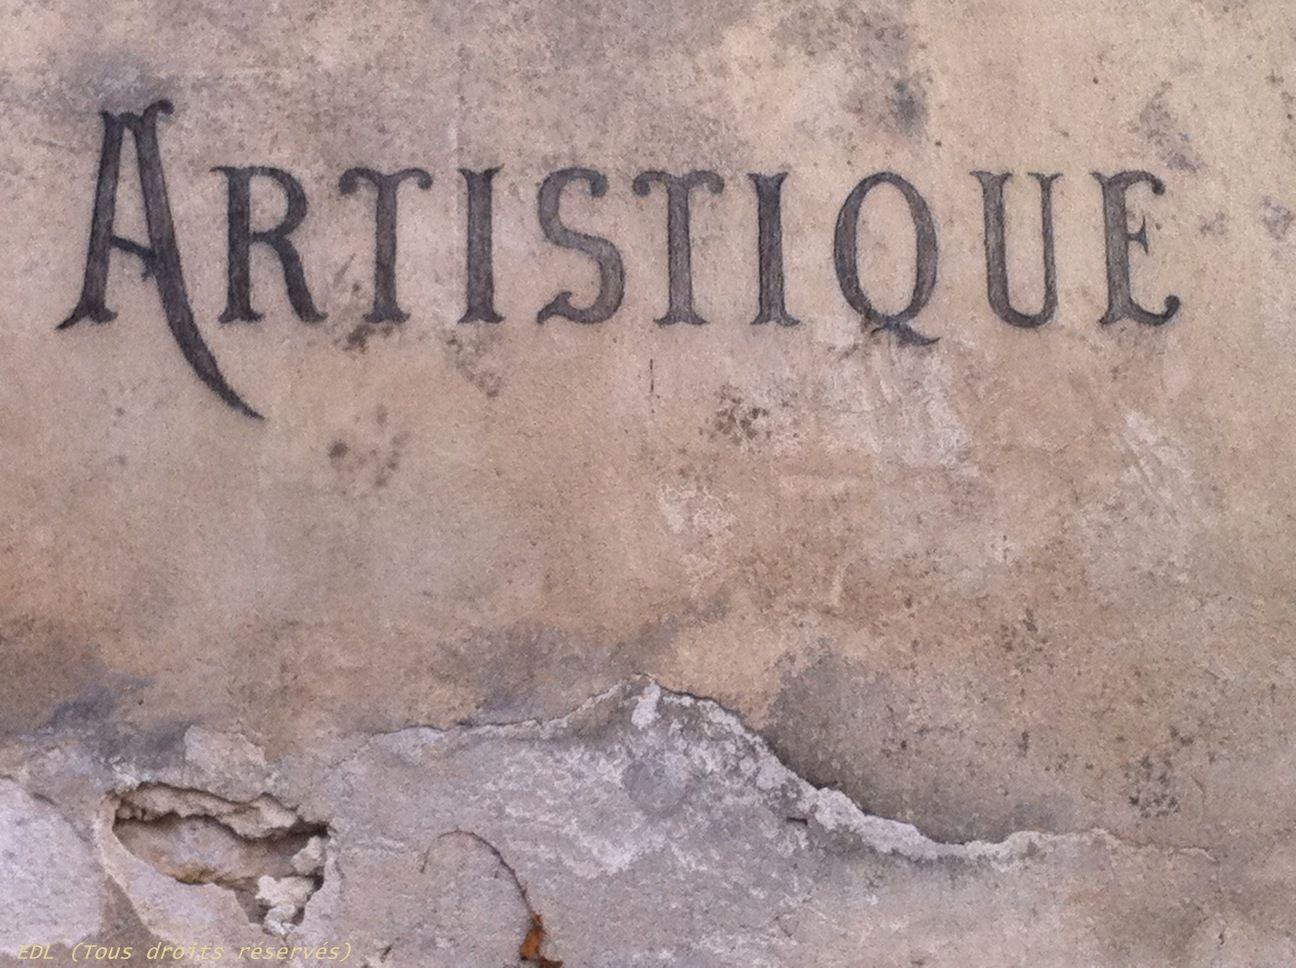 Artistique, la Cartoucherie (photo by Nod's)